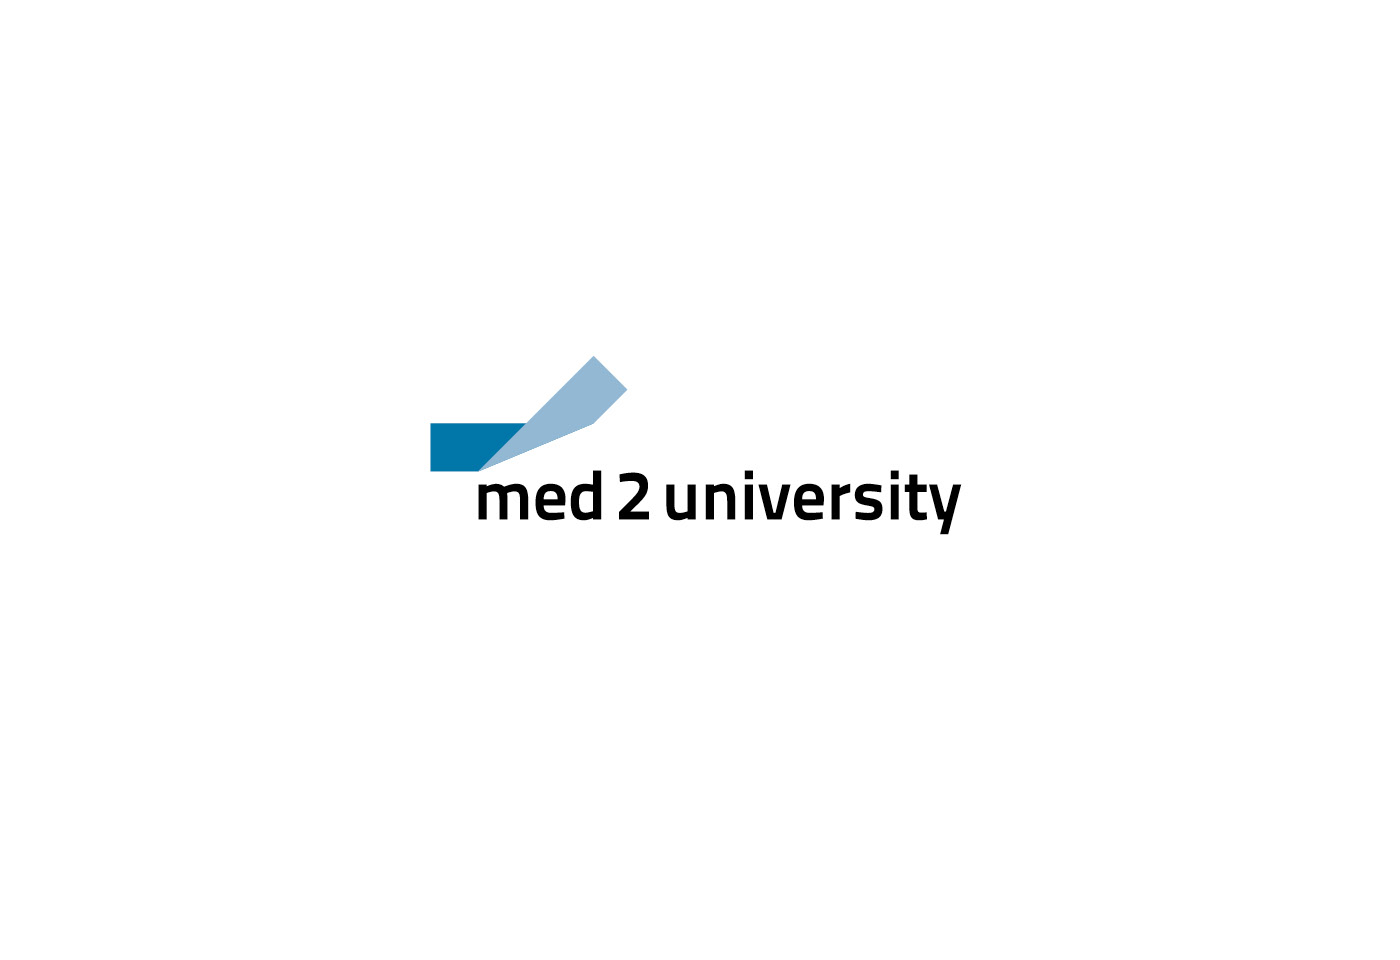 med2university